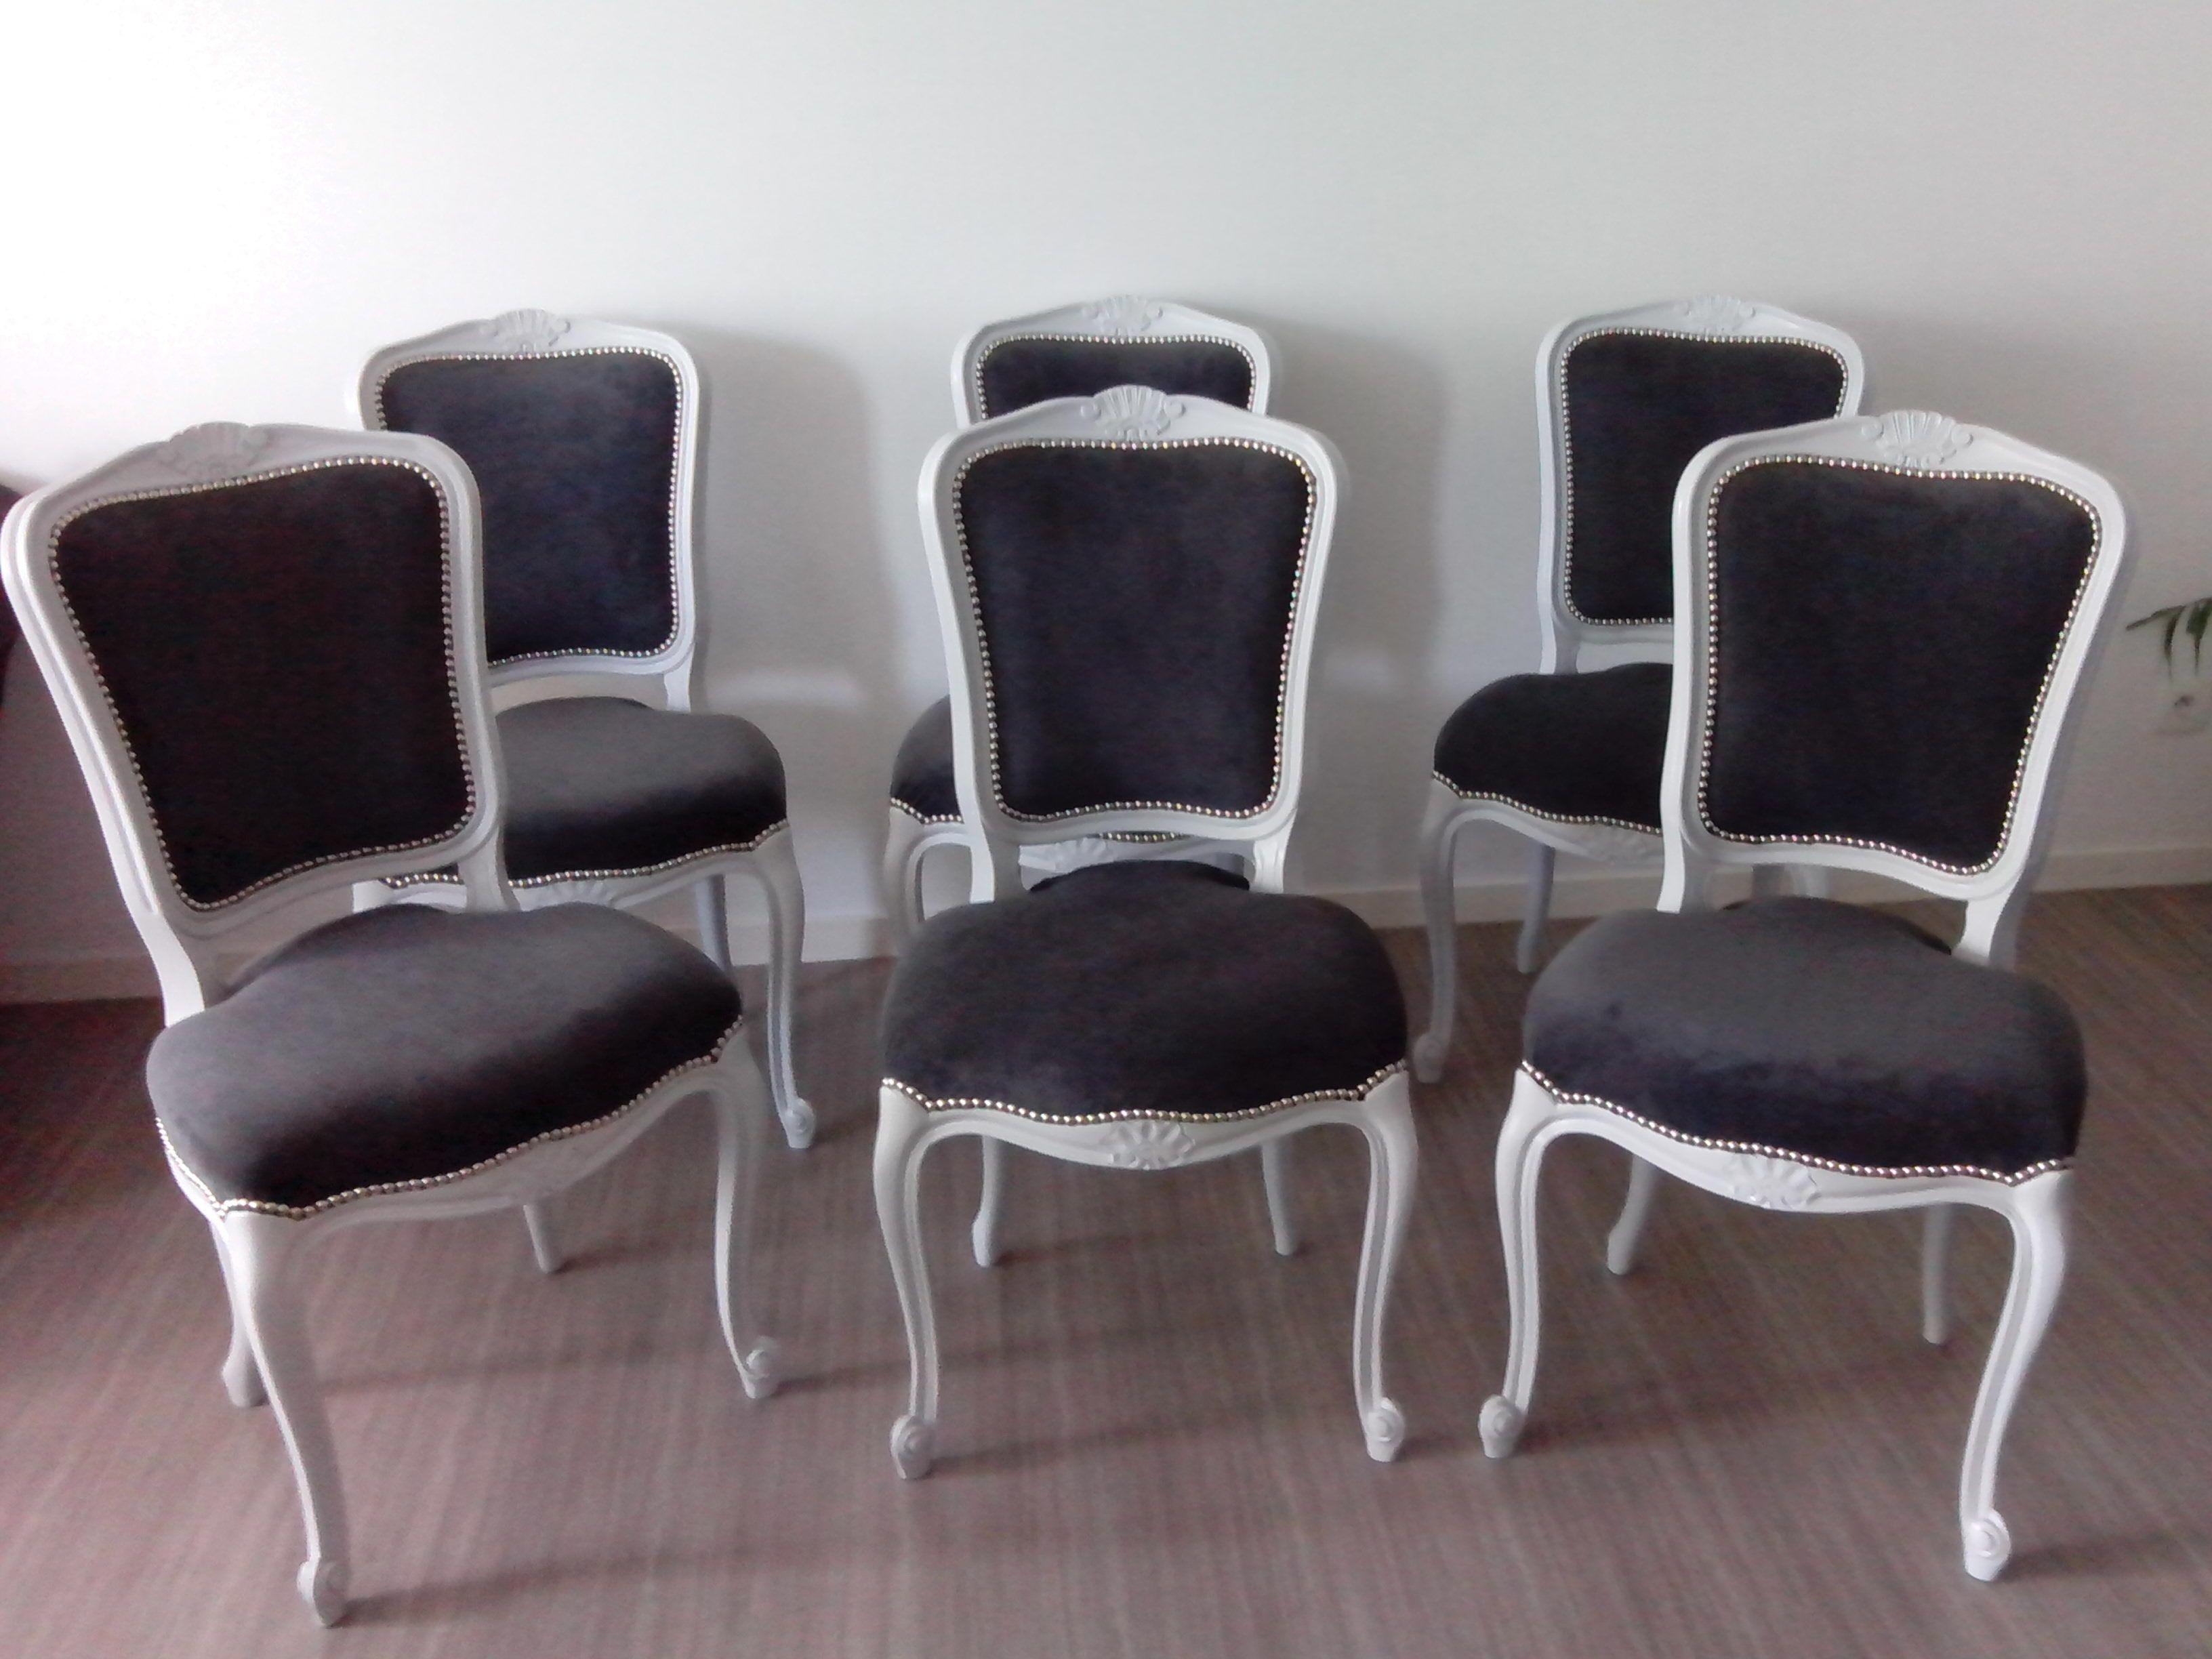 chaises de style louis xv relook es dans un tissu d 39 ameublement gris anthracite et une peinture. Black Bedroom Furniture Sets. Home Design Ideas